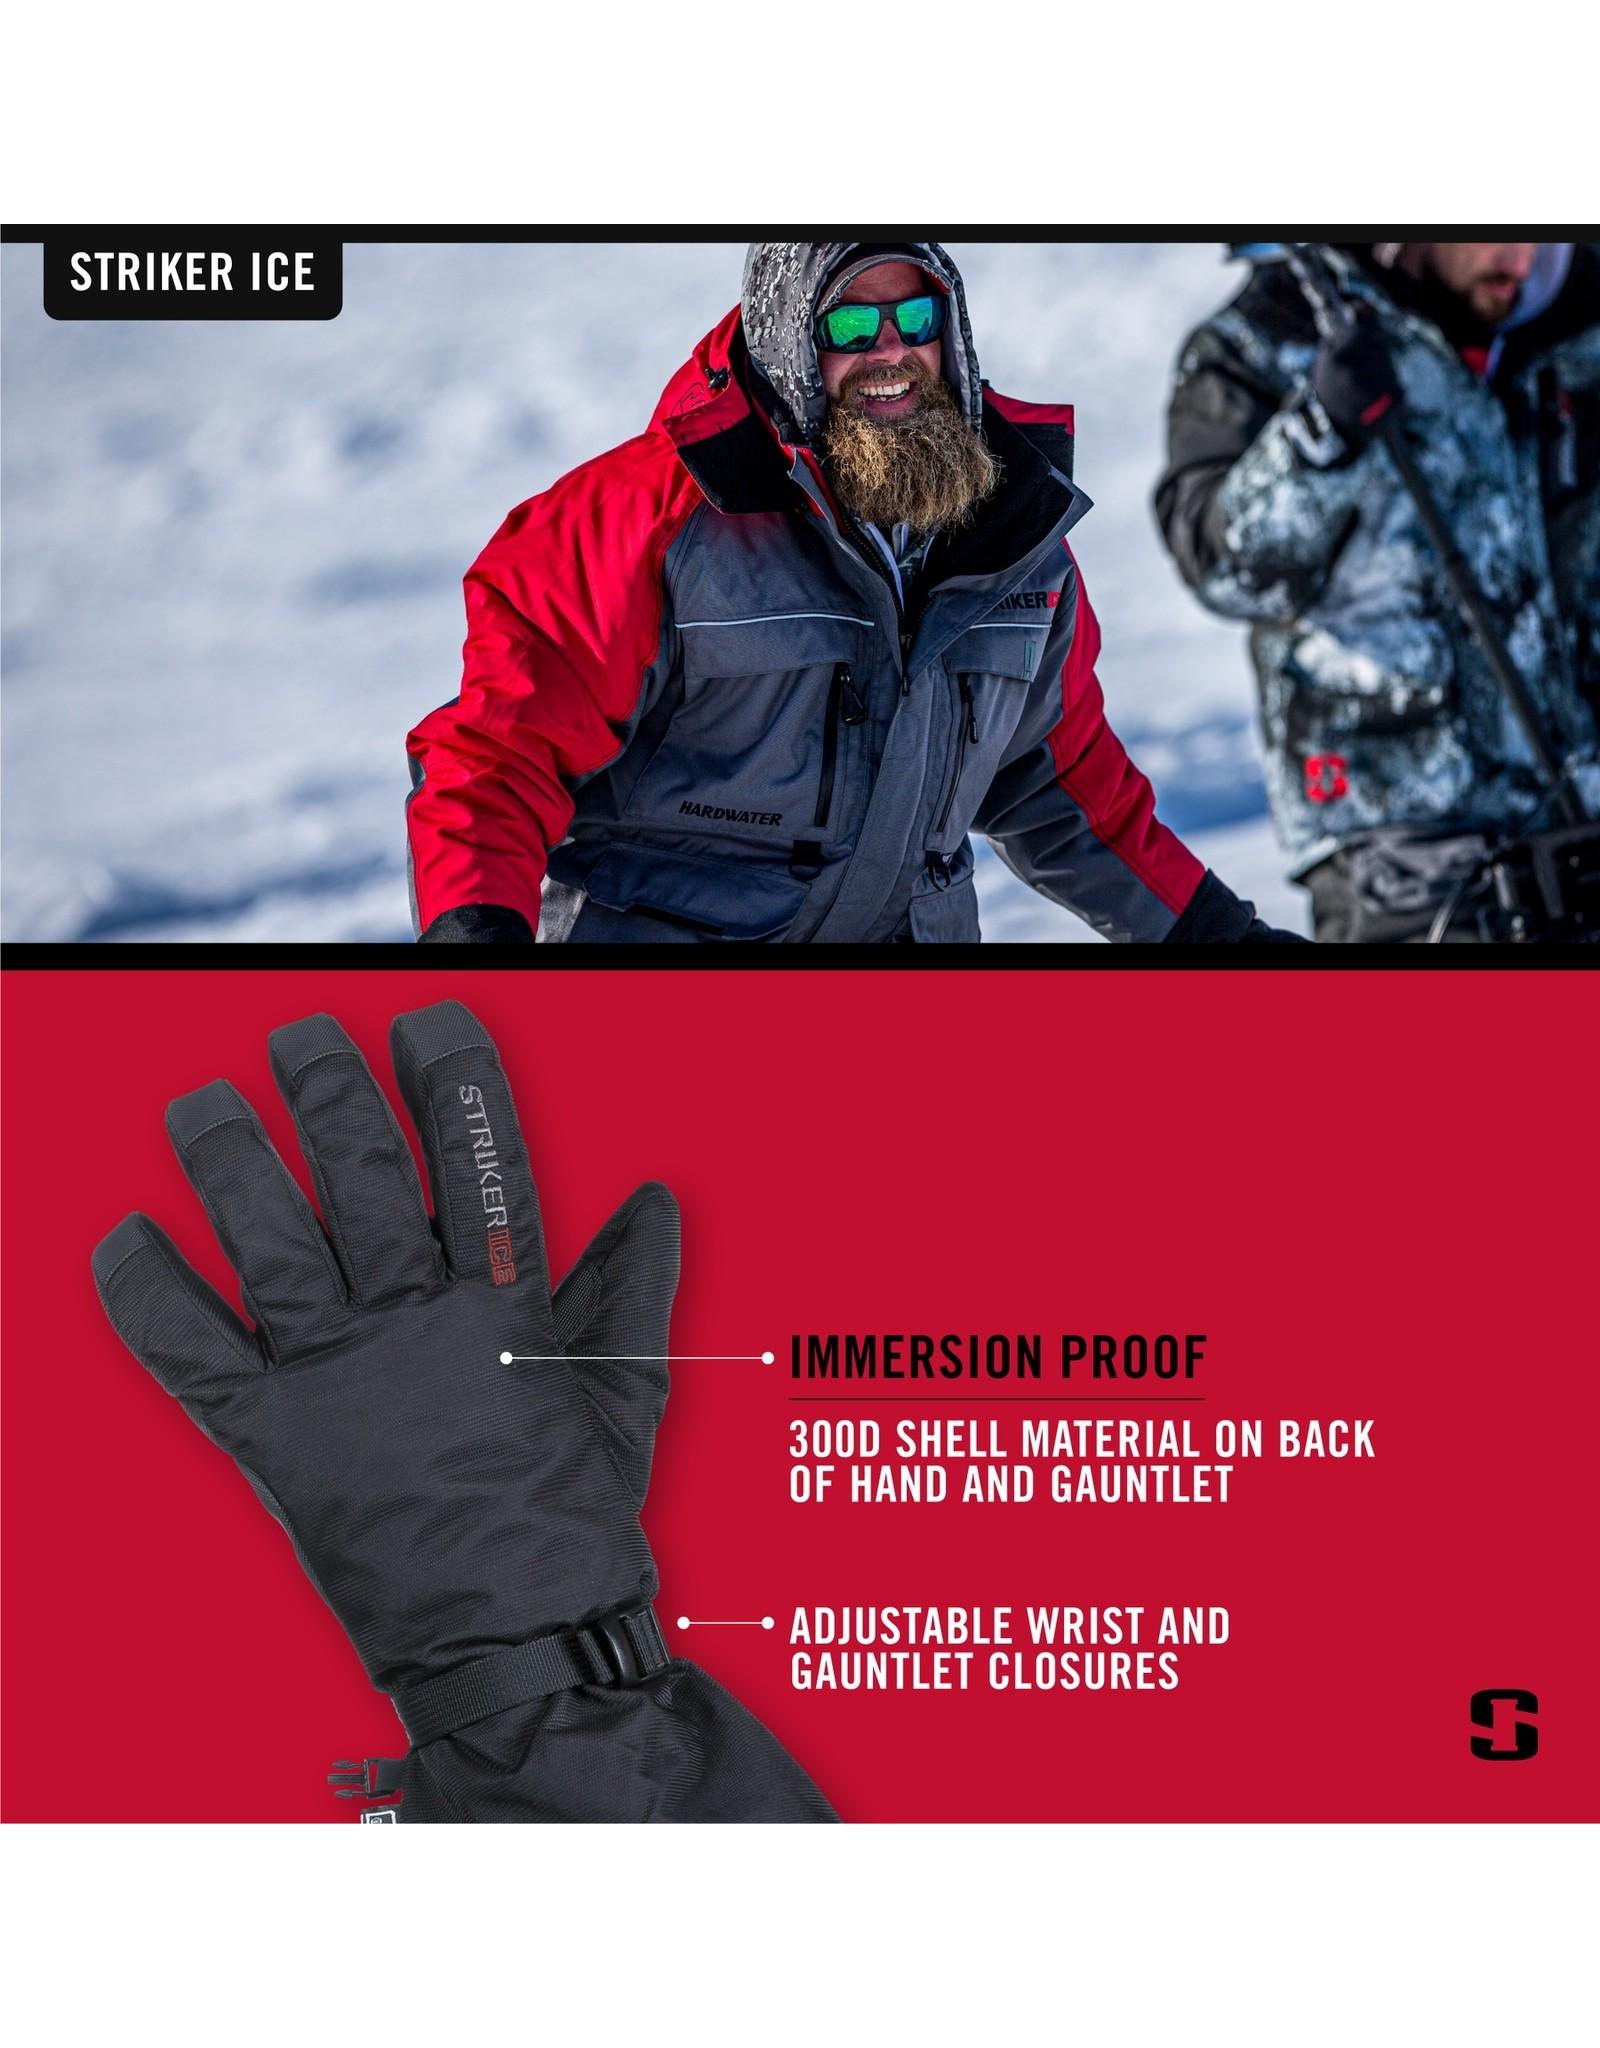 Striker Ice Striker Ice Climate Glove